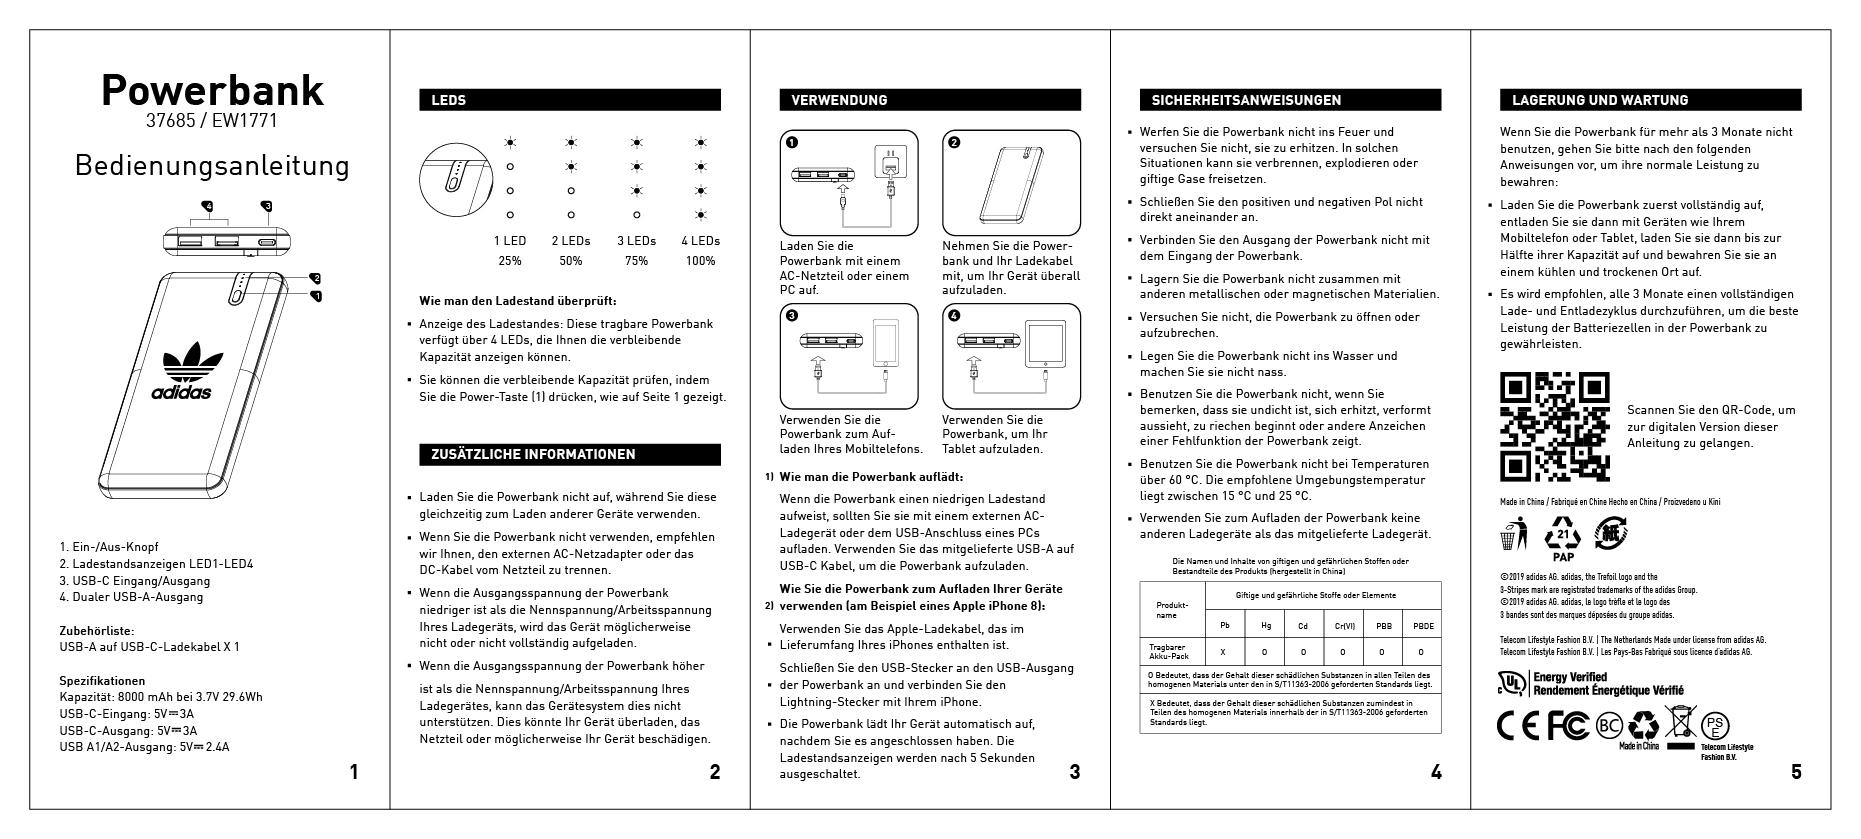 esquina artillería aerolíneas  adidas Powerbank Manual - DE : Help Center - adidascases.com - Telecom  Lifestyle Fashion